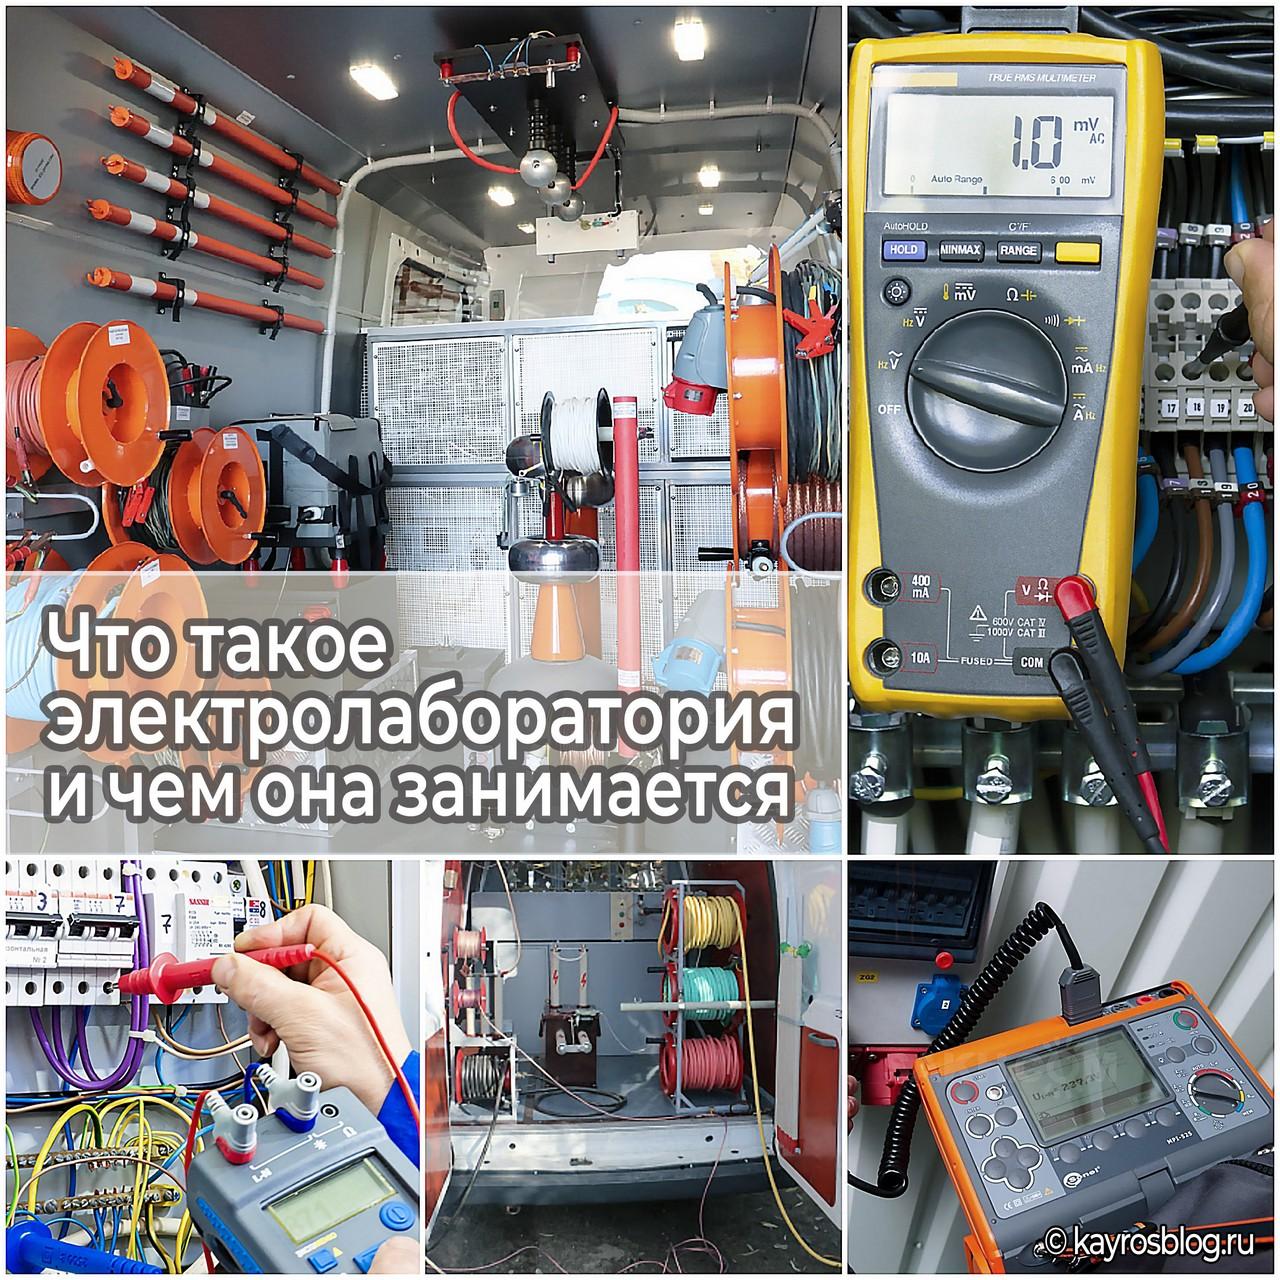 Что такое электролаборатория ичем она занимается